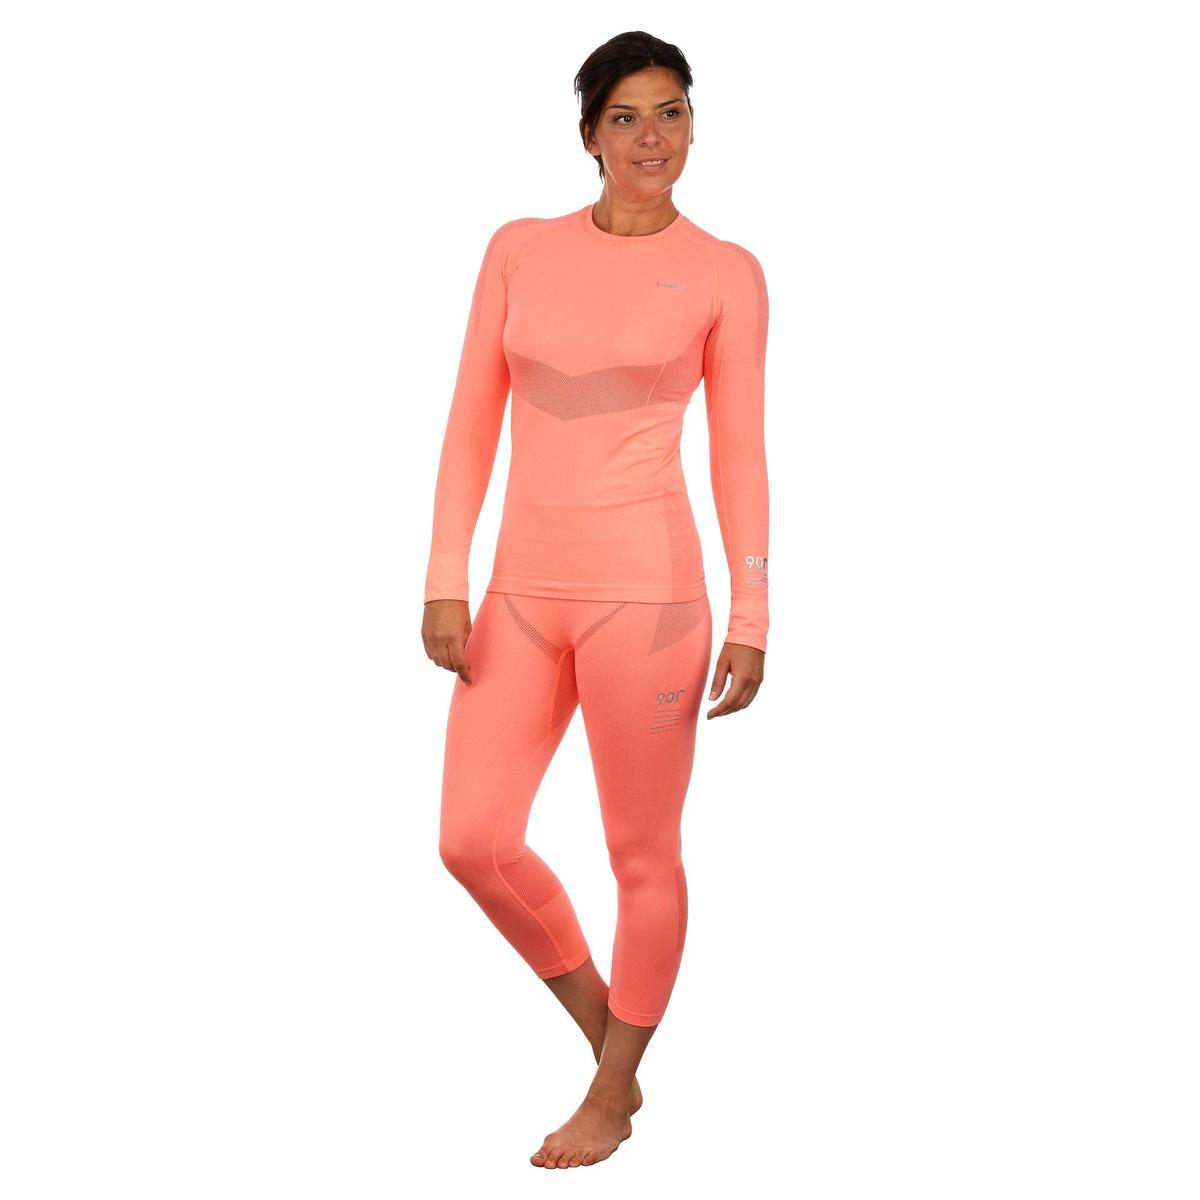 Bild 2 von Skiunterwäsche Funktionshose 900 Damen rosa